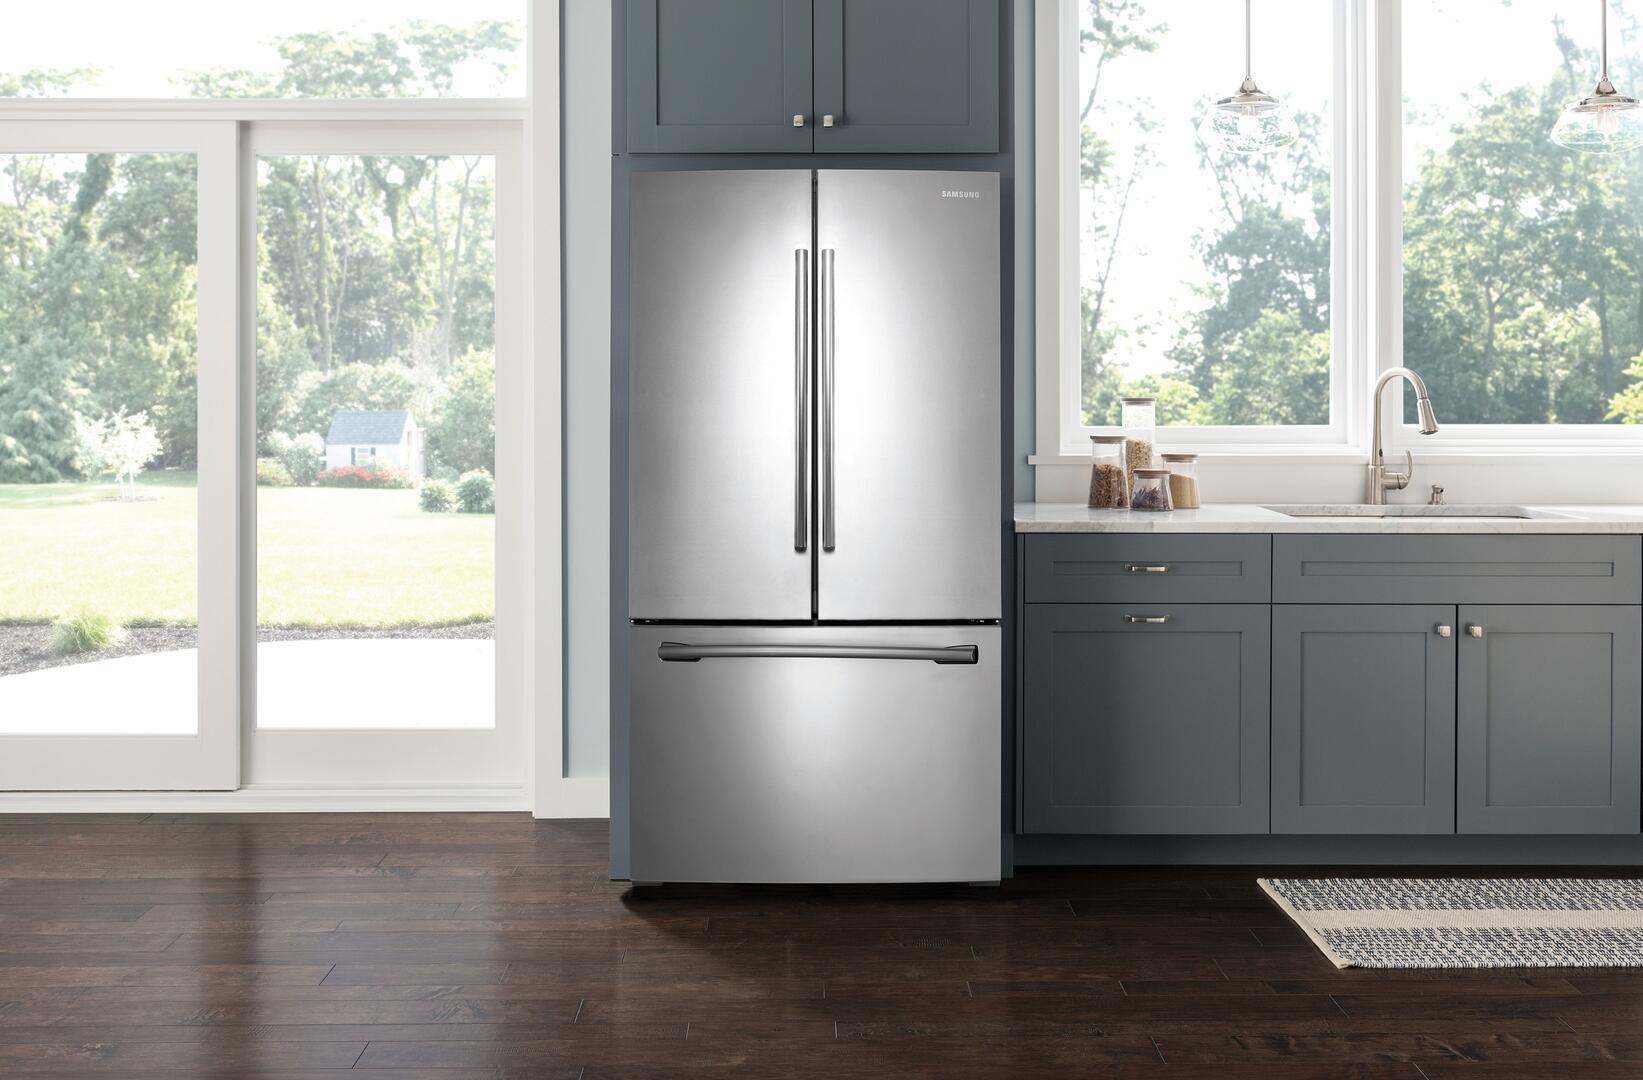 Samsung RF261BEAESR 36 Inch French Door Refrigerator with 25.5 cu ...